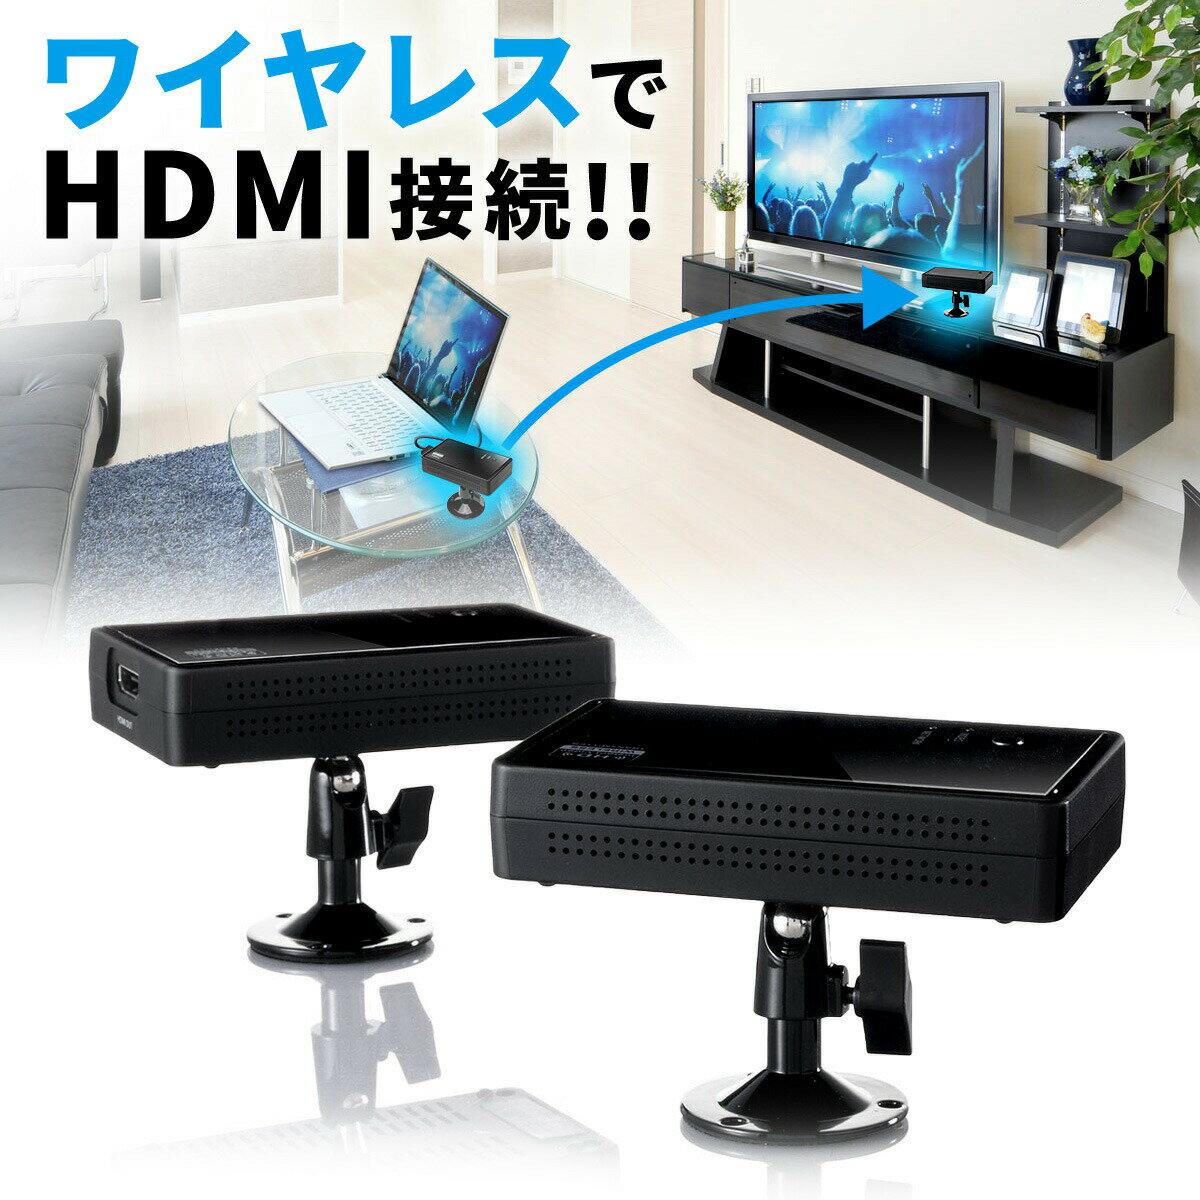 ワイヤレスHDMIエクステンダー(400-VGA012)